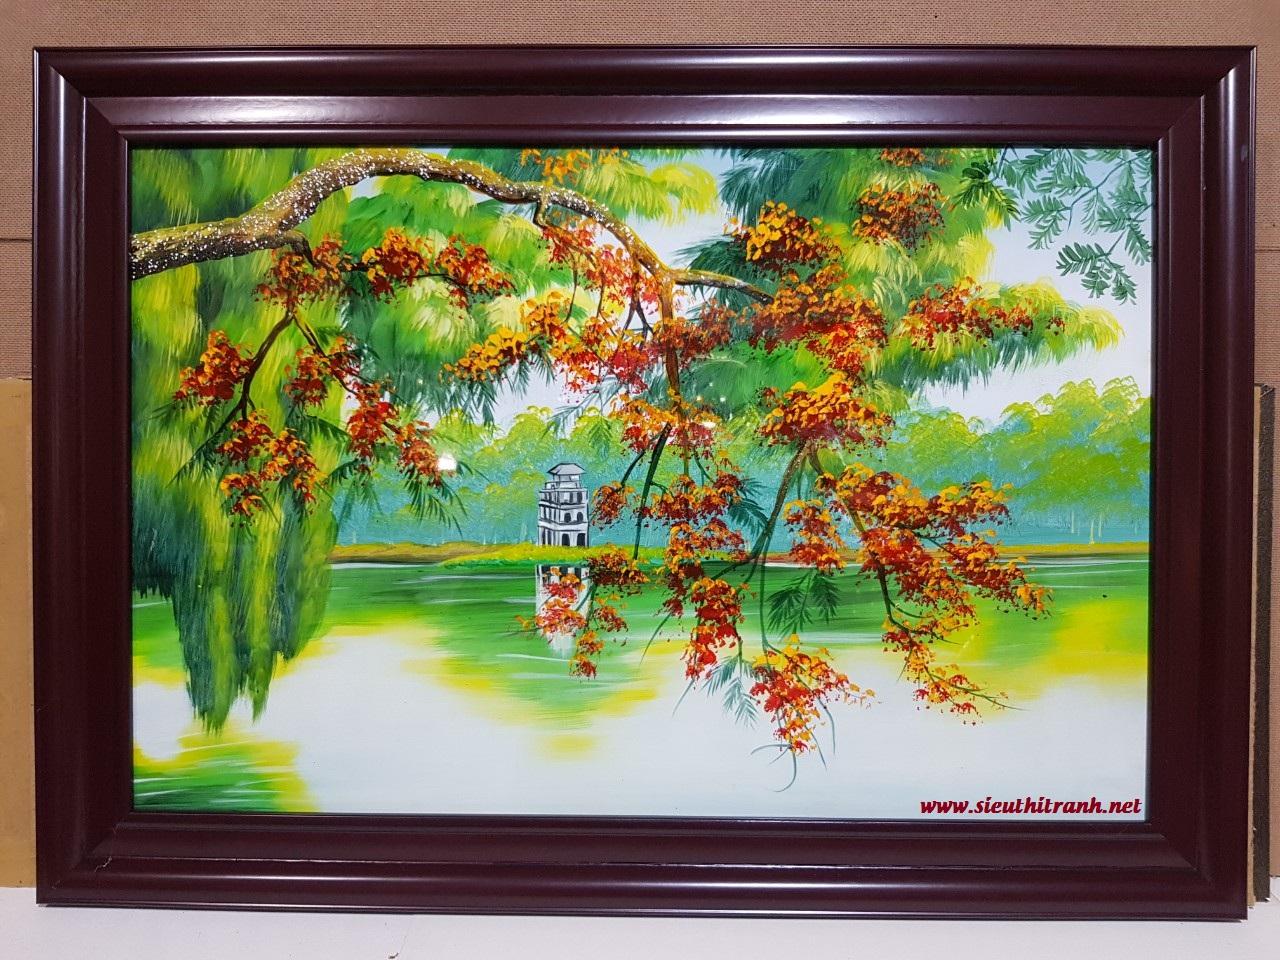 Tranh sơn mài, Tháp Rùa Hồ Hoàn Kiếm Hà Nội-sm296